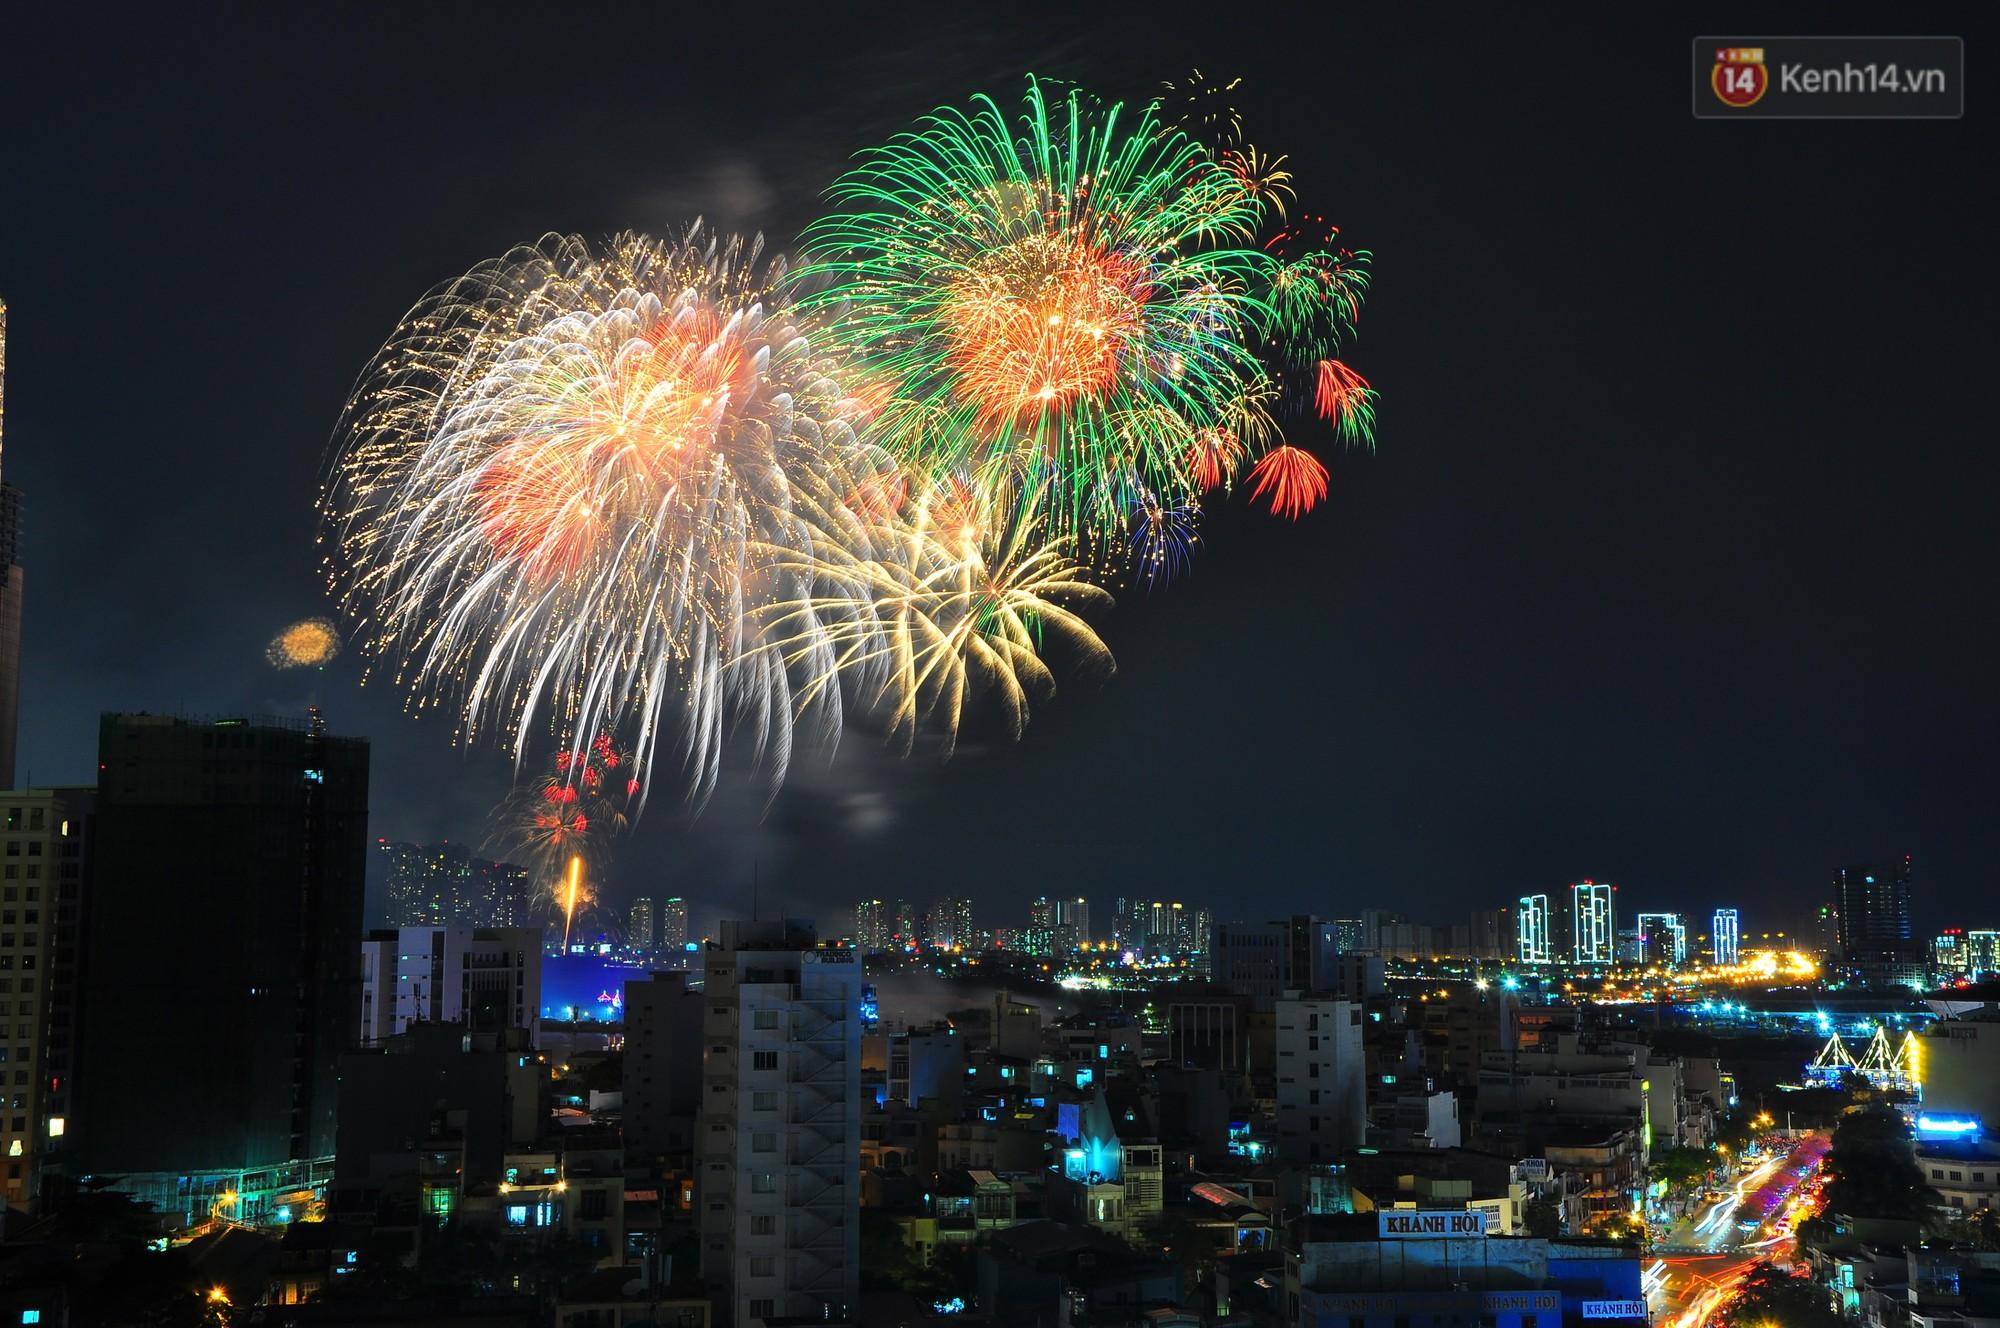 Loạt pháo hoa đẹp rực rỡ trên bầu trời Sài Gòn mừng 44 năm Giải phóng miền Nam thống nhất đất nước - Ảnh 6.